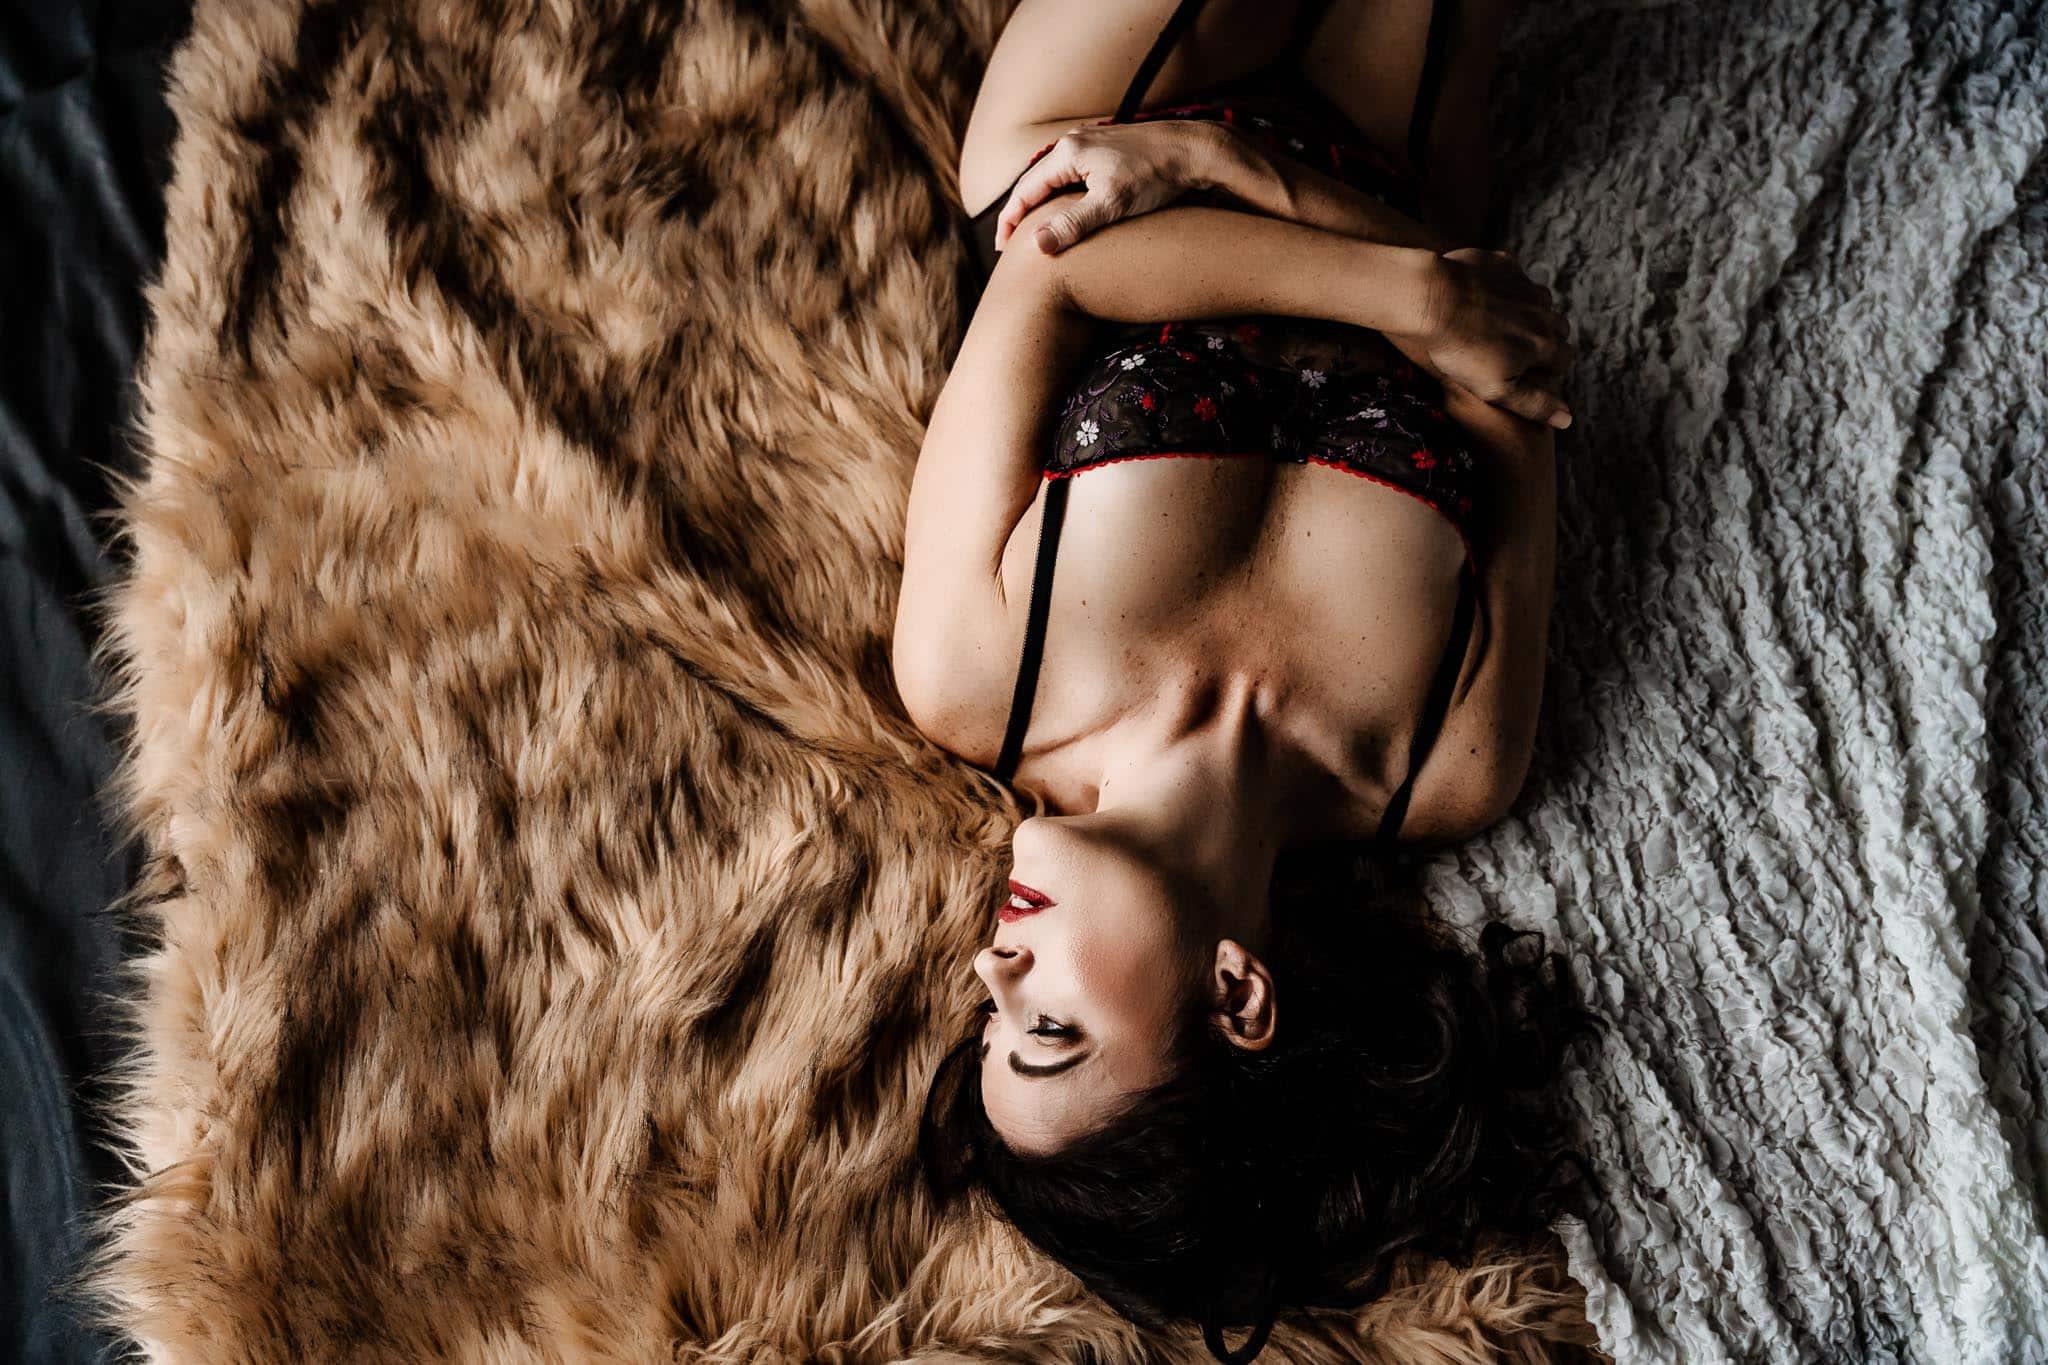 boudoir shoot for her 50th birthday